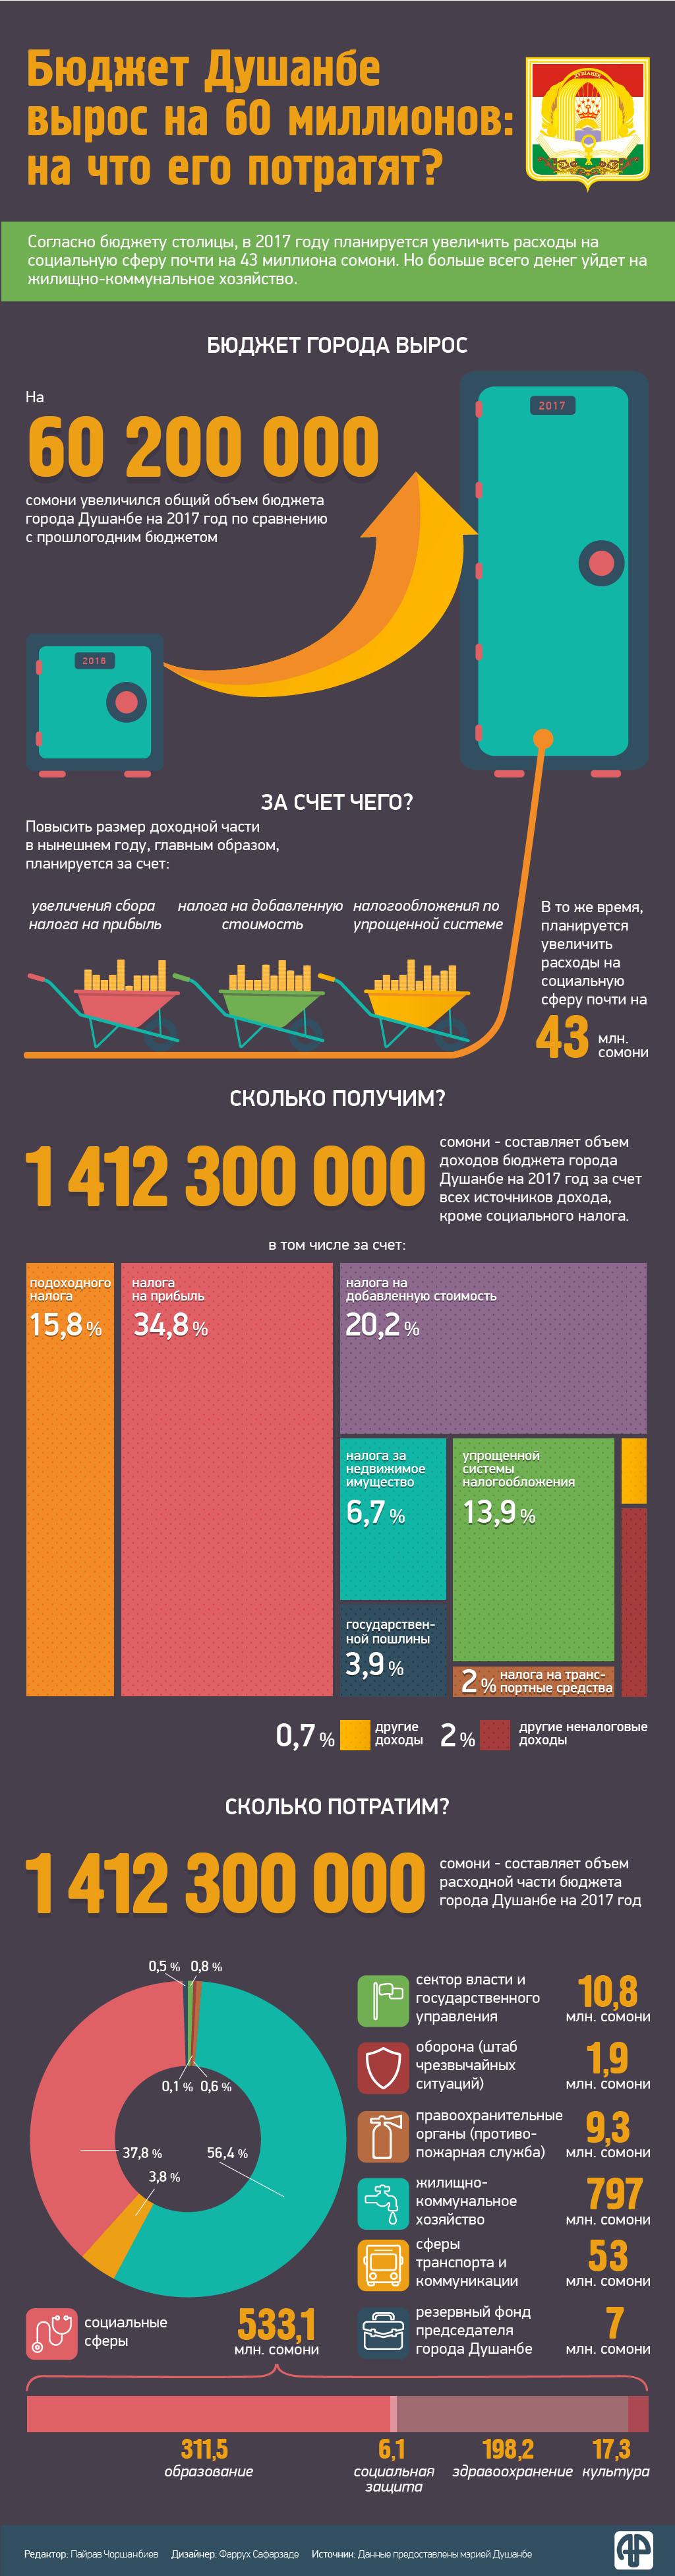 Новости онлайн россия татарстан